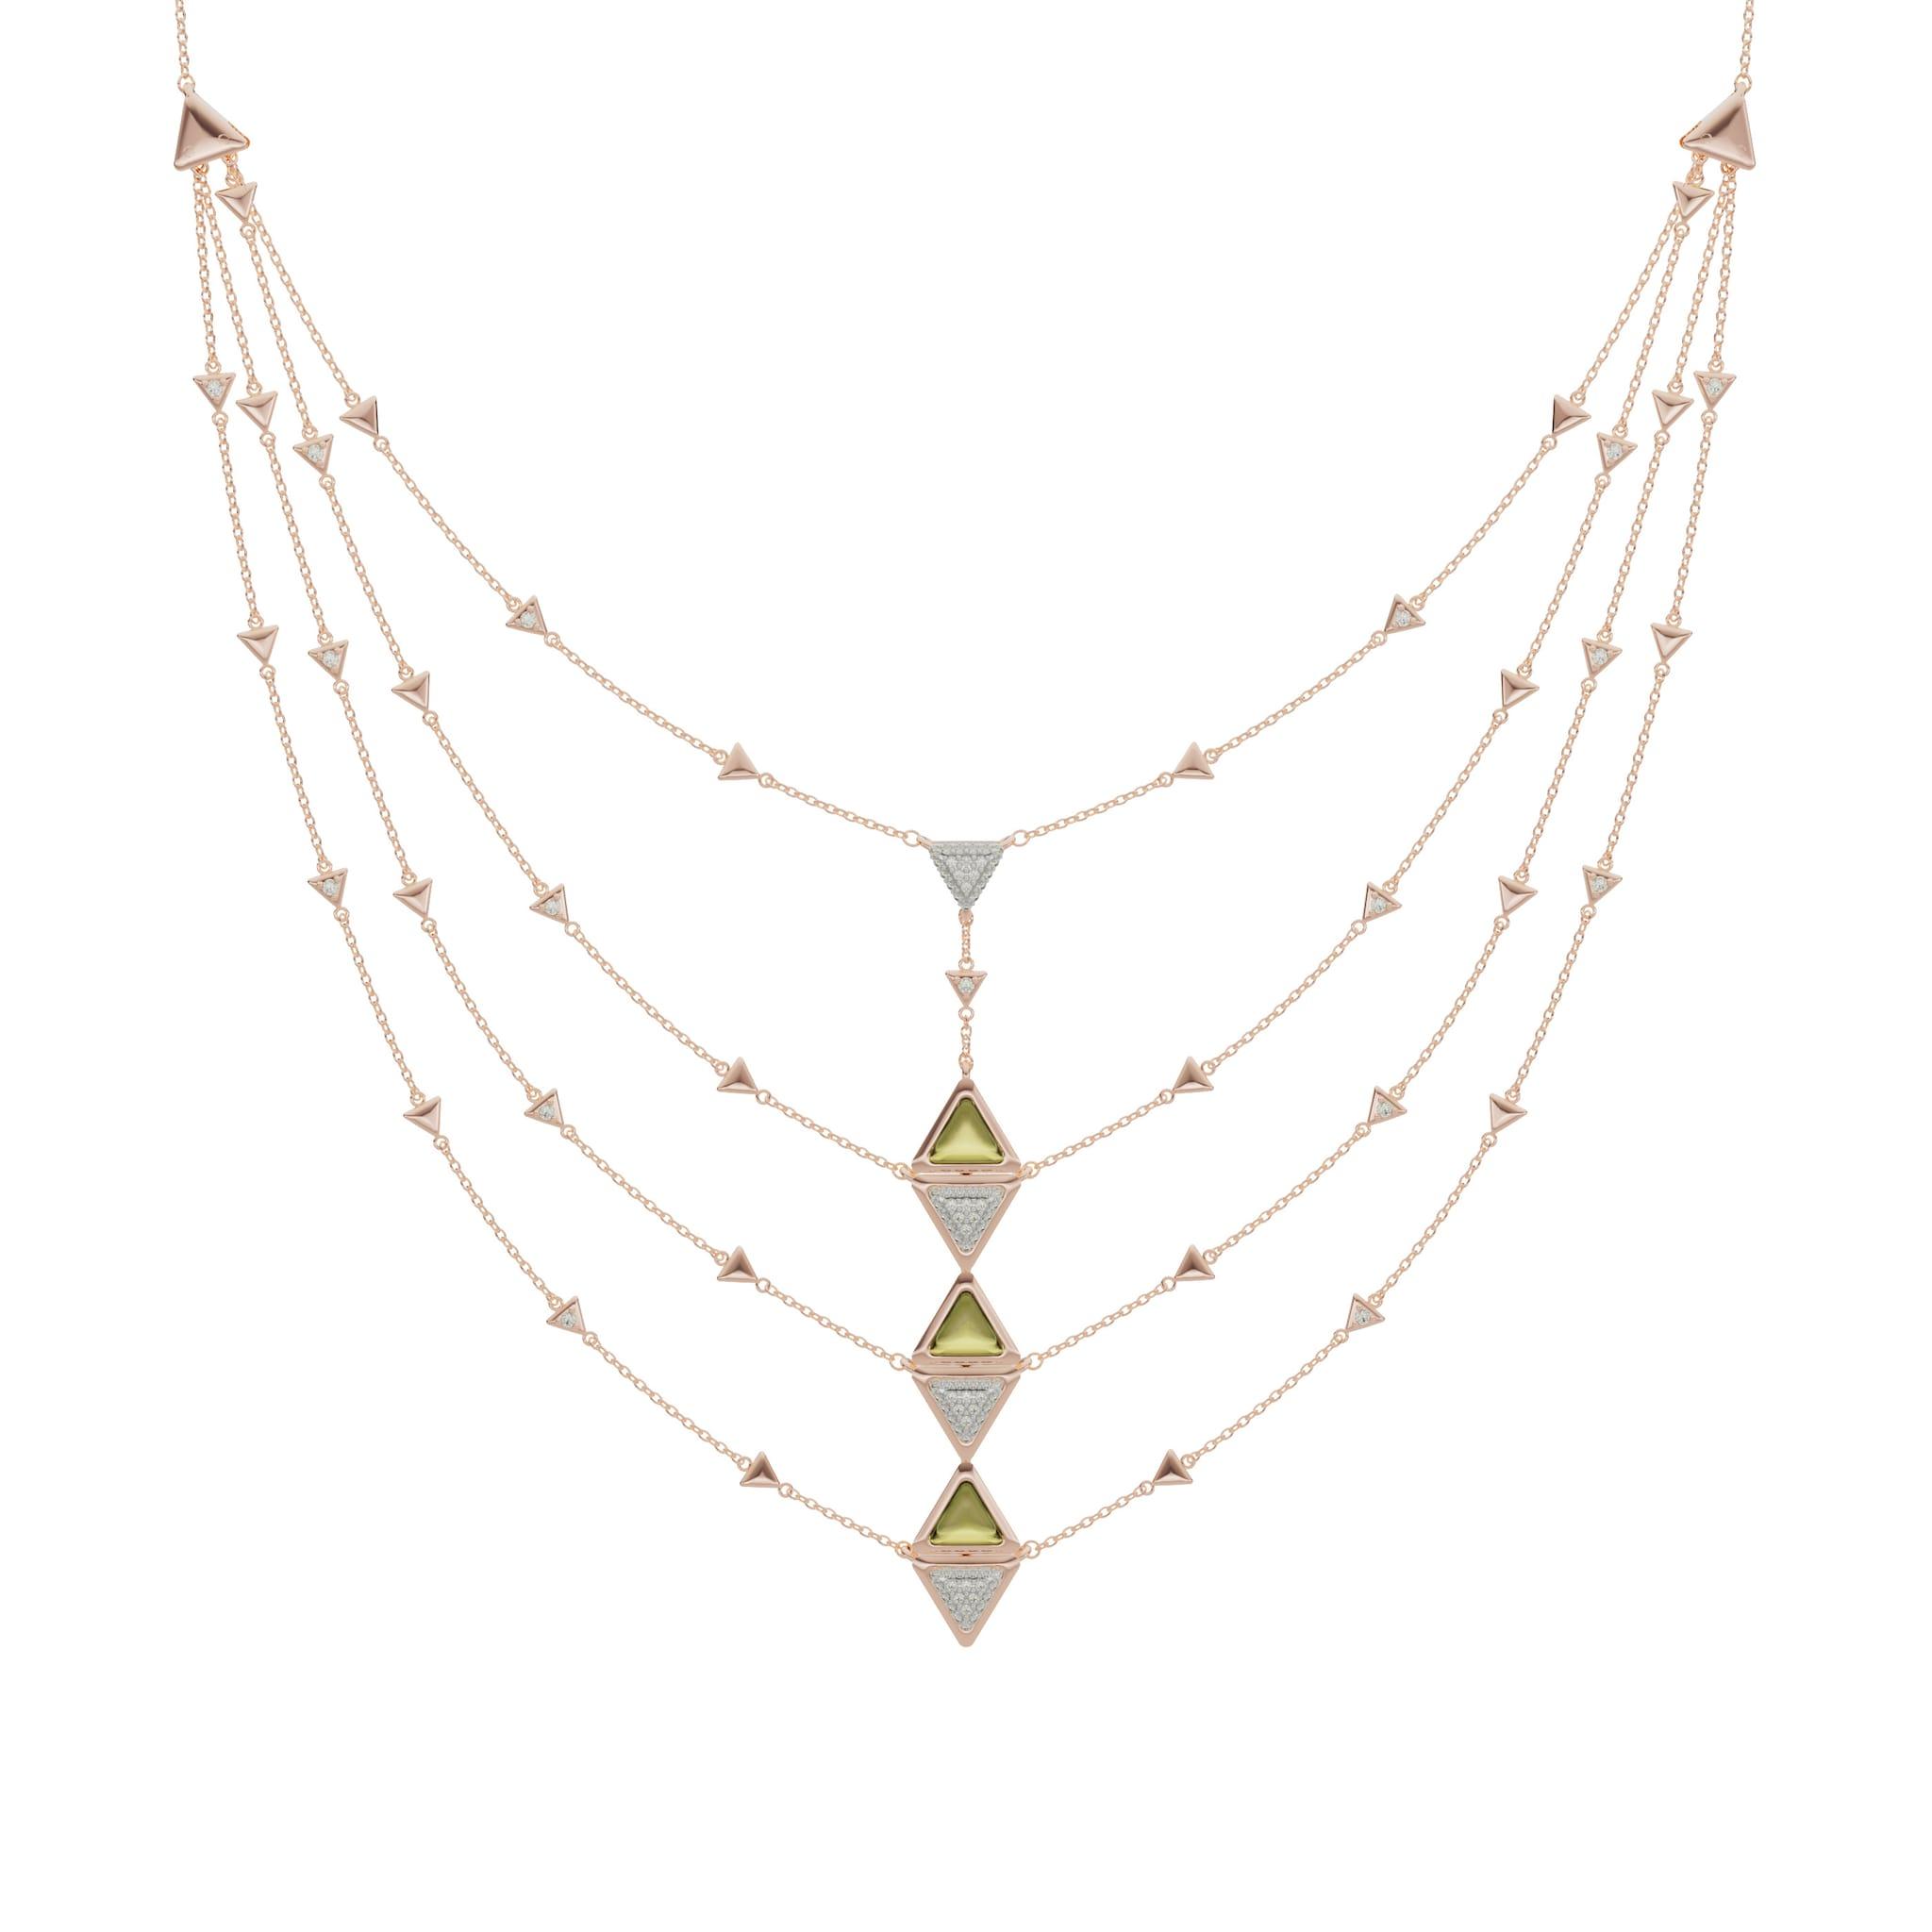 Avel Lenttan. Collier Mirror in oro rosa con triangoli in tormalina e pavé di diamanti (pietre certificate).